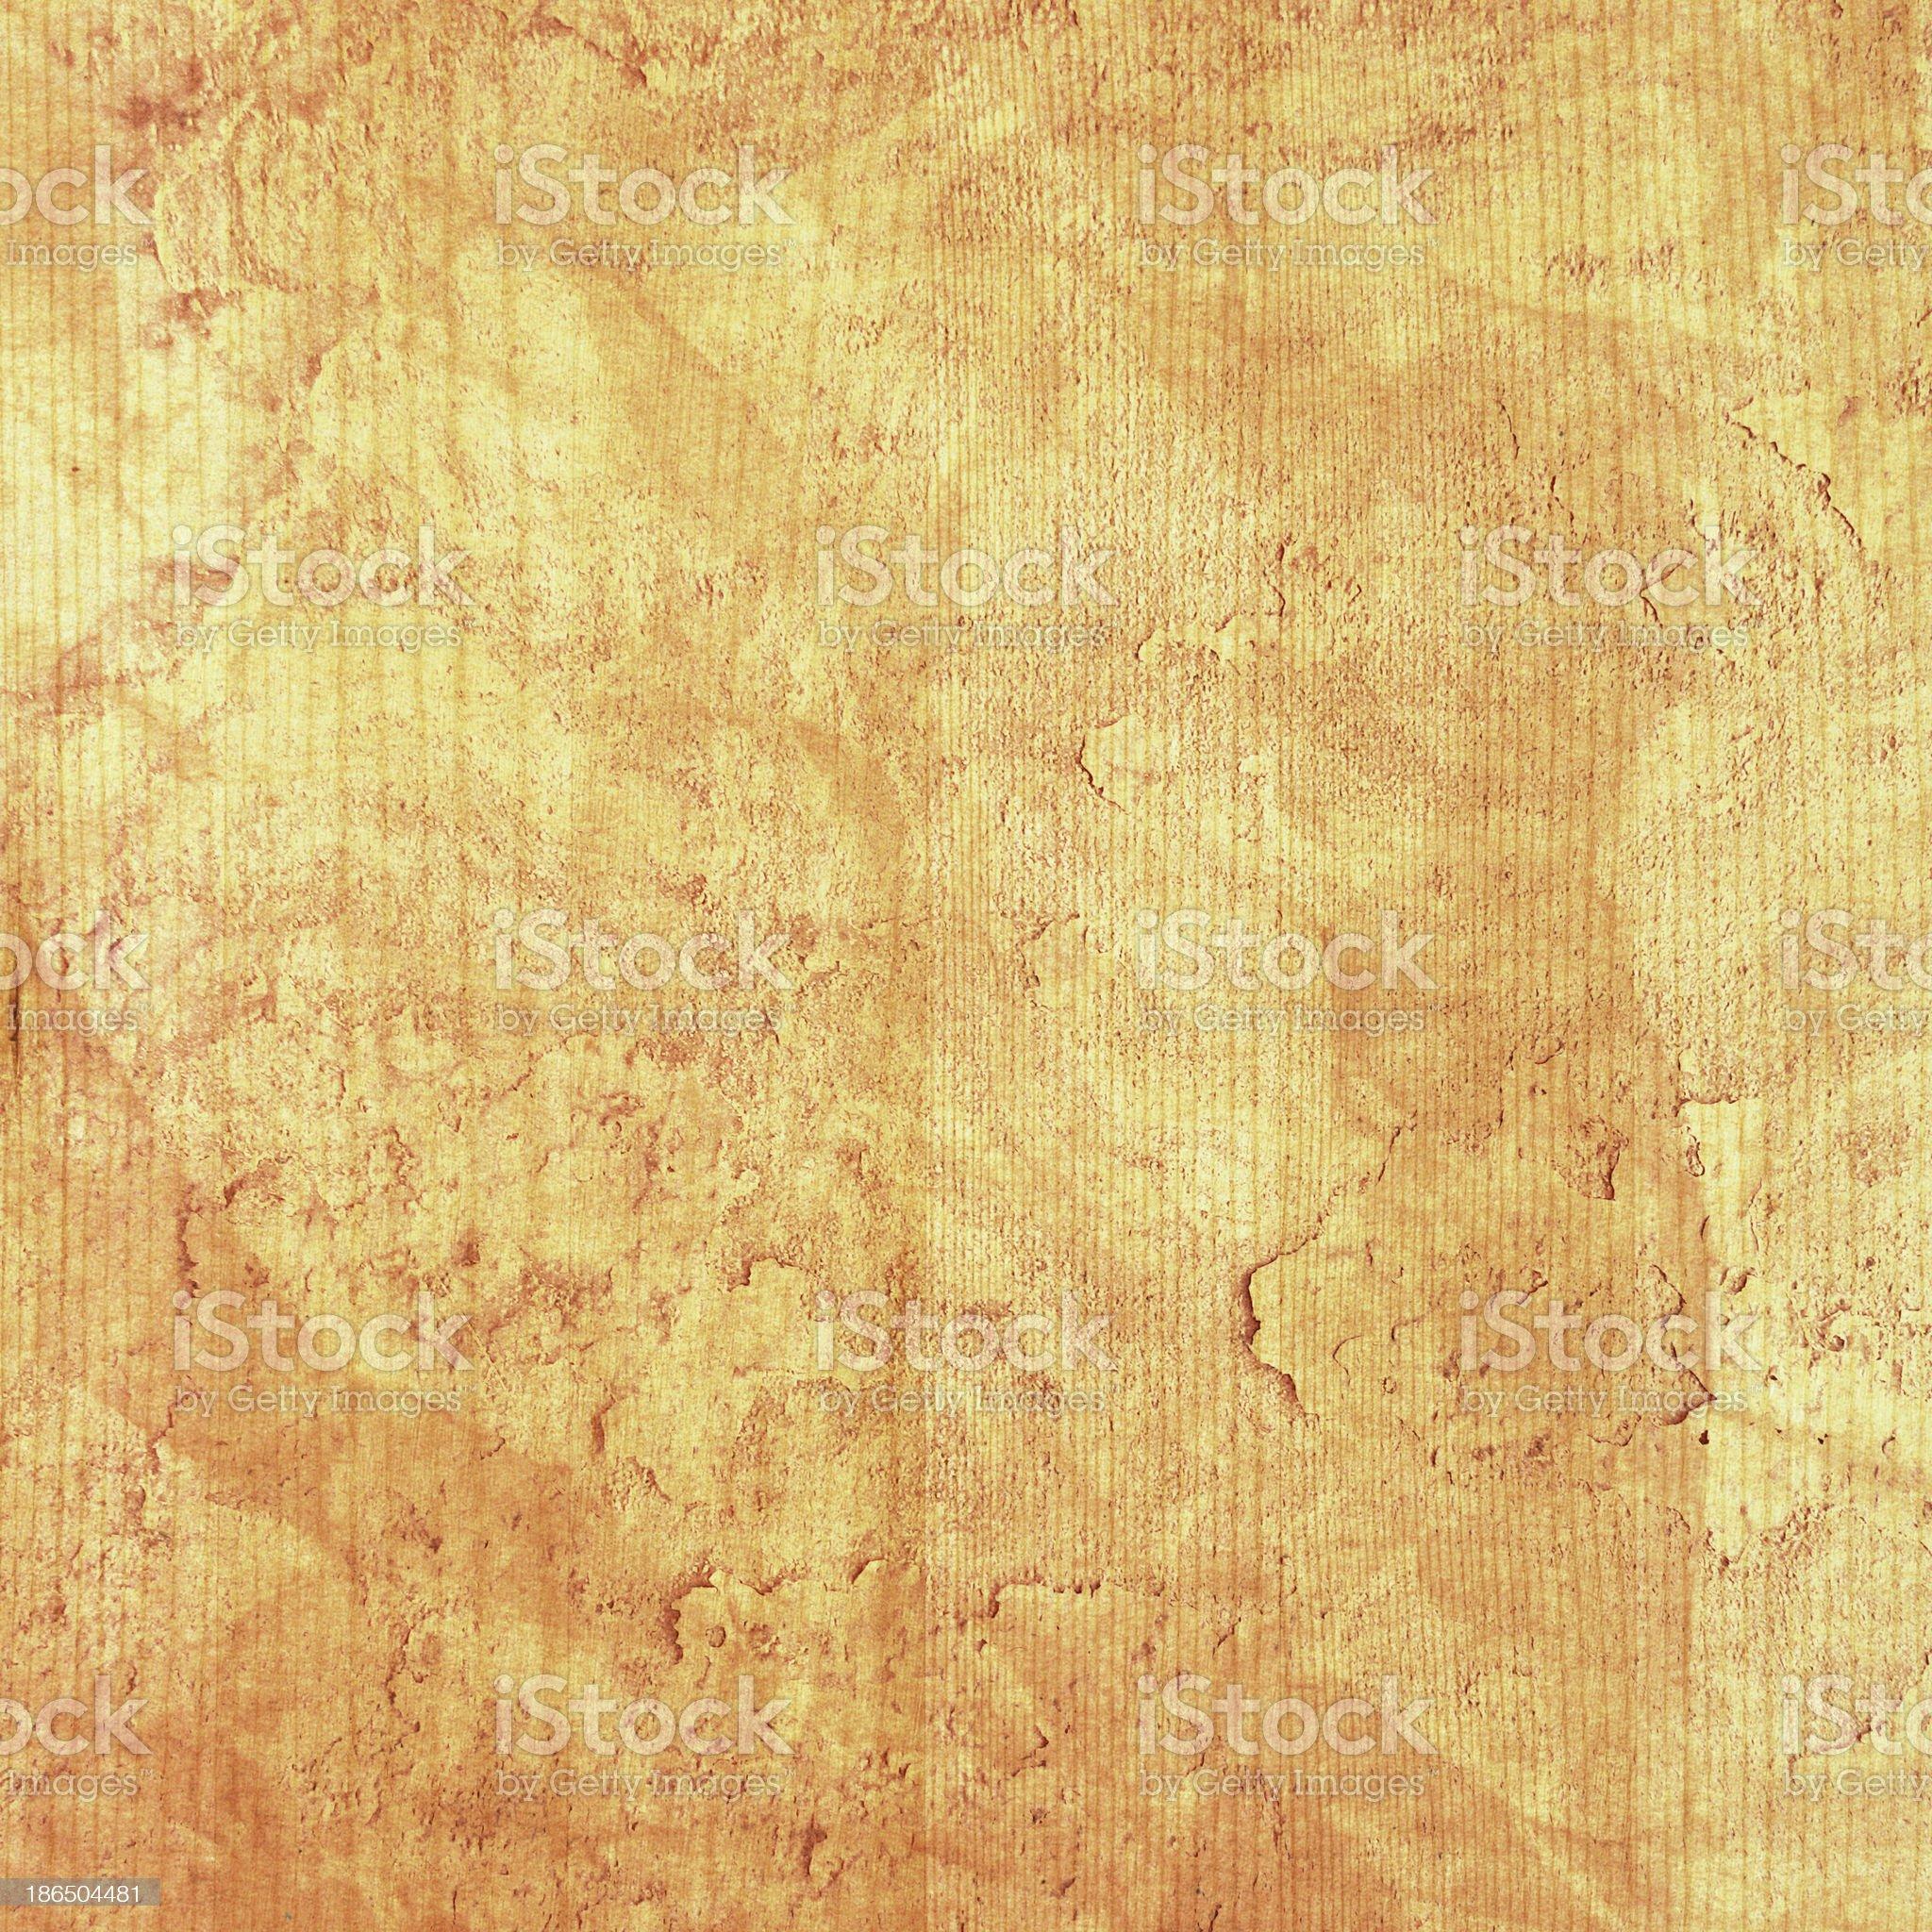 Grunge Wood background royalty-free stock photo